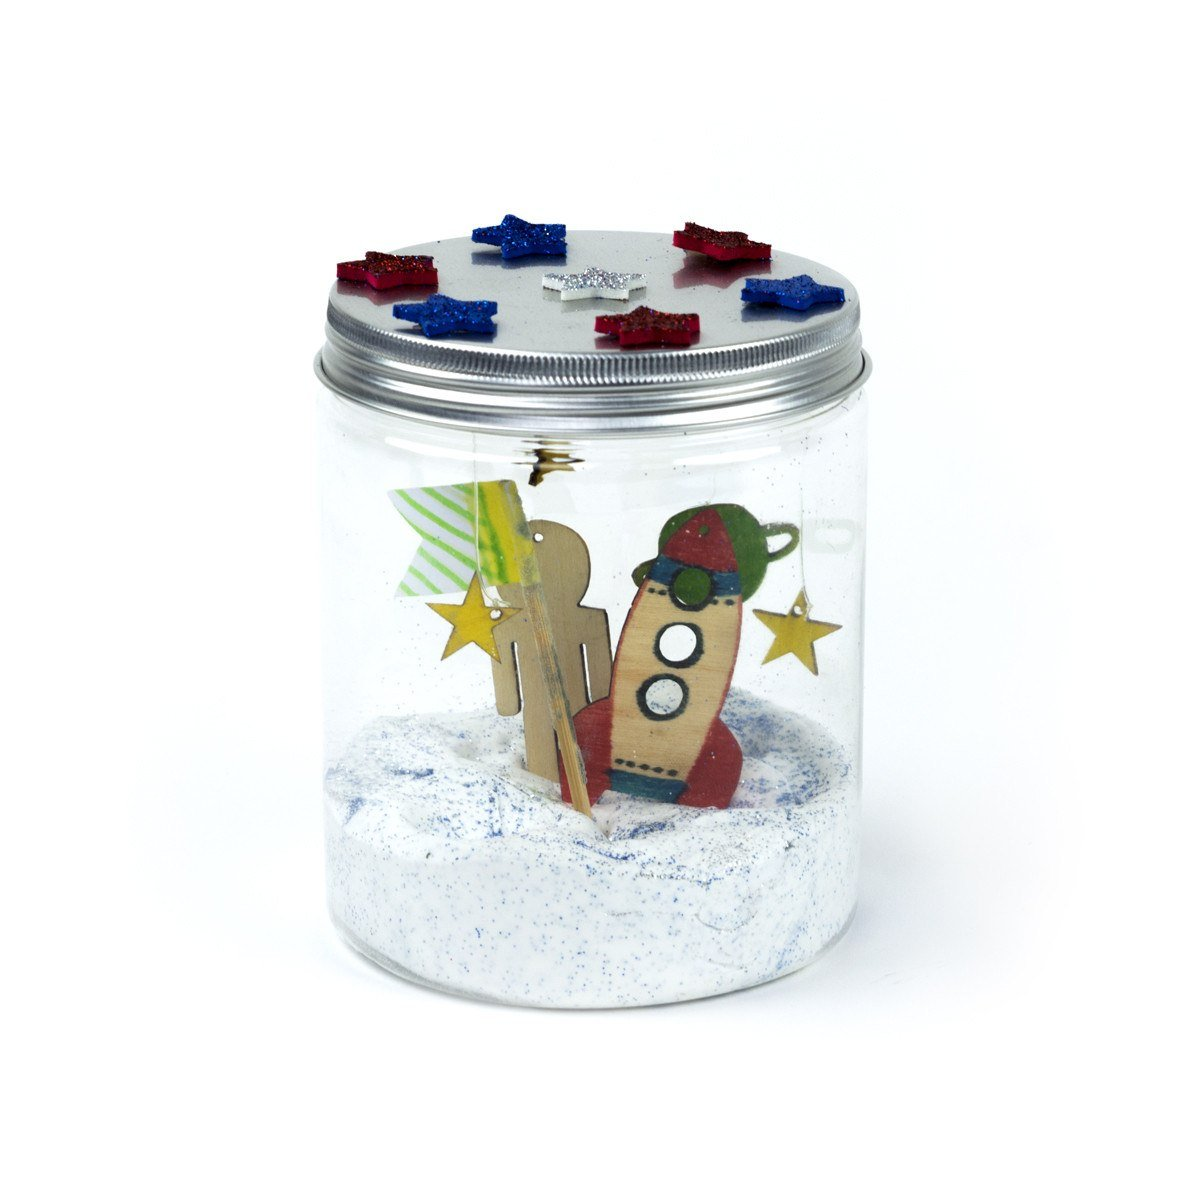 Seedling DIY Galaxy In A Jar Toy